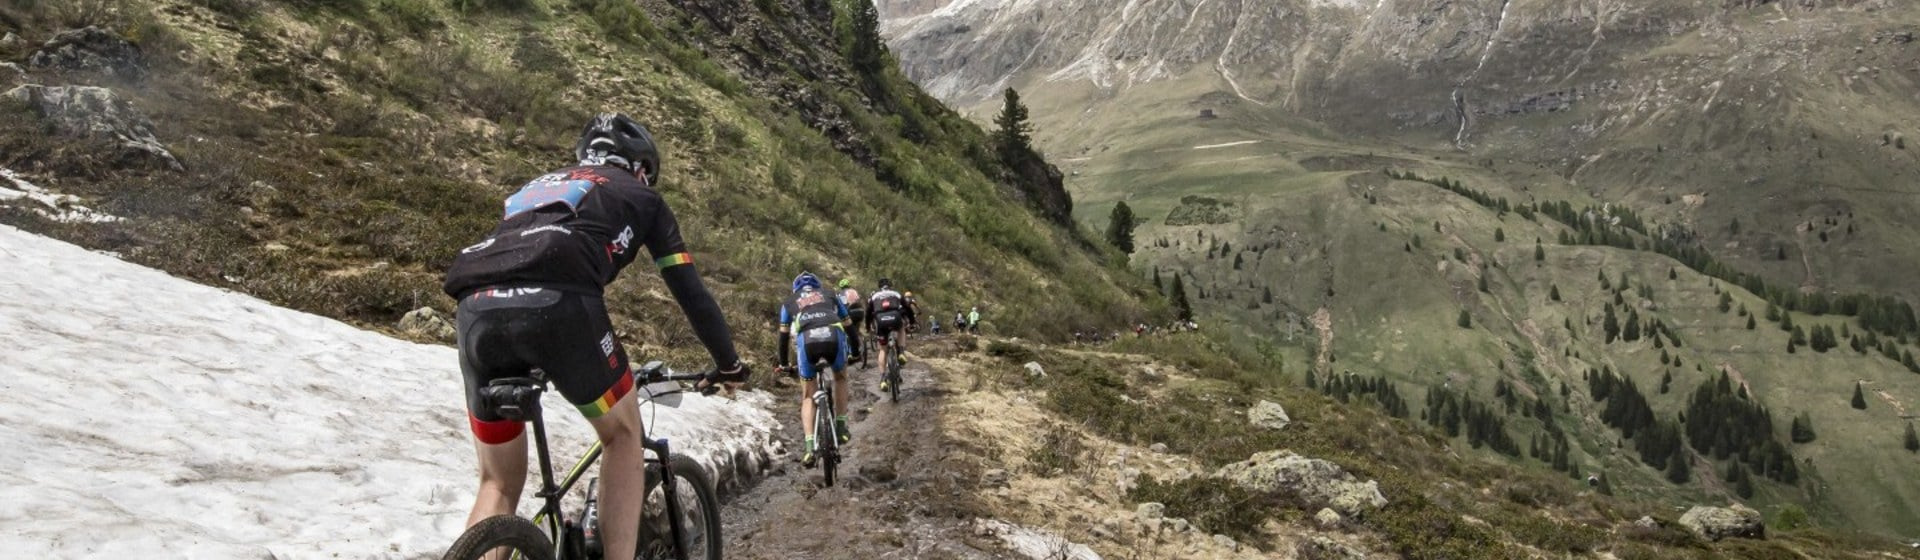 12.06.21 Transit HERO Dolomites